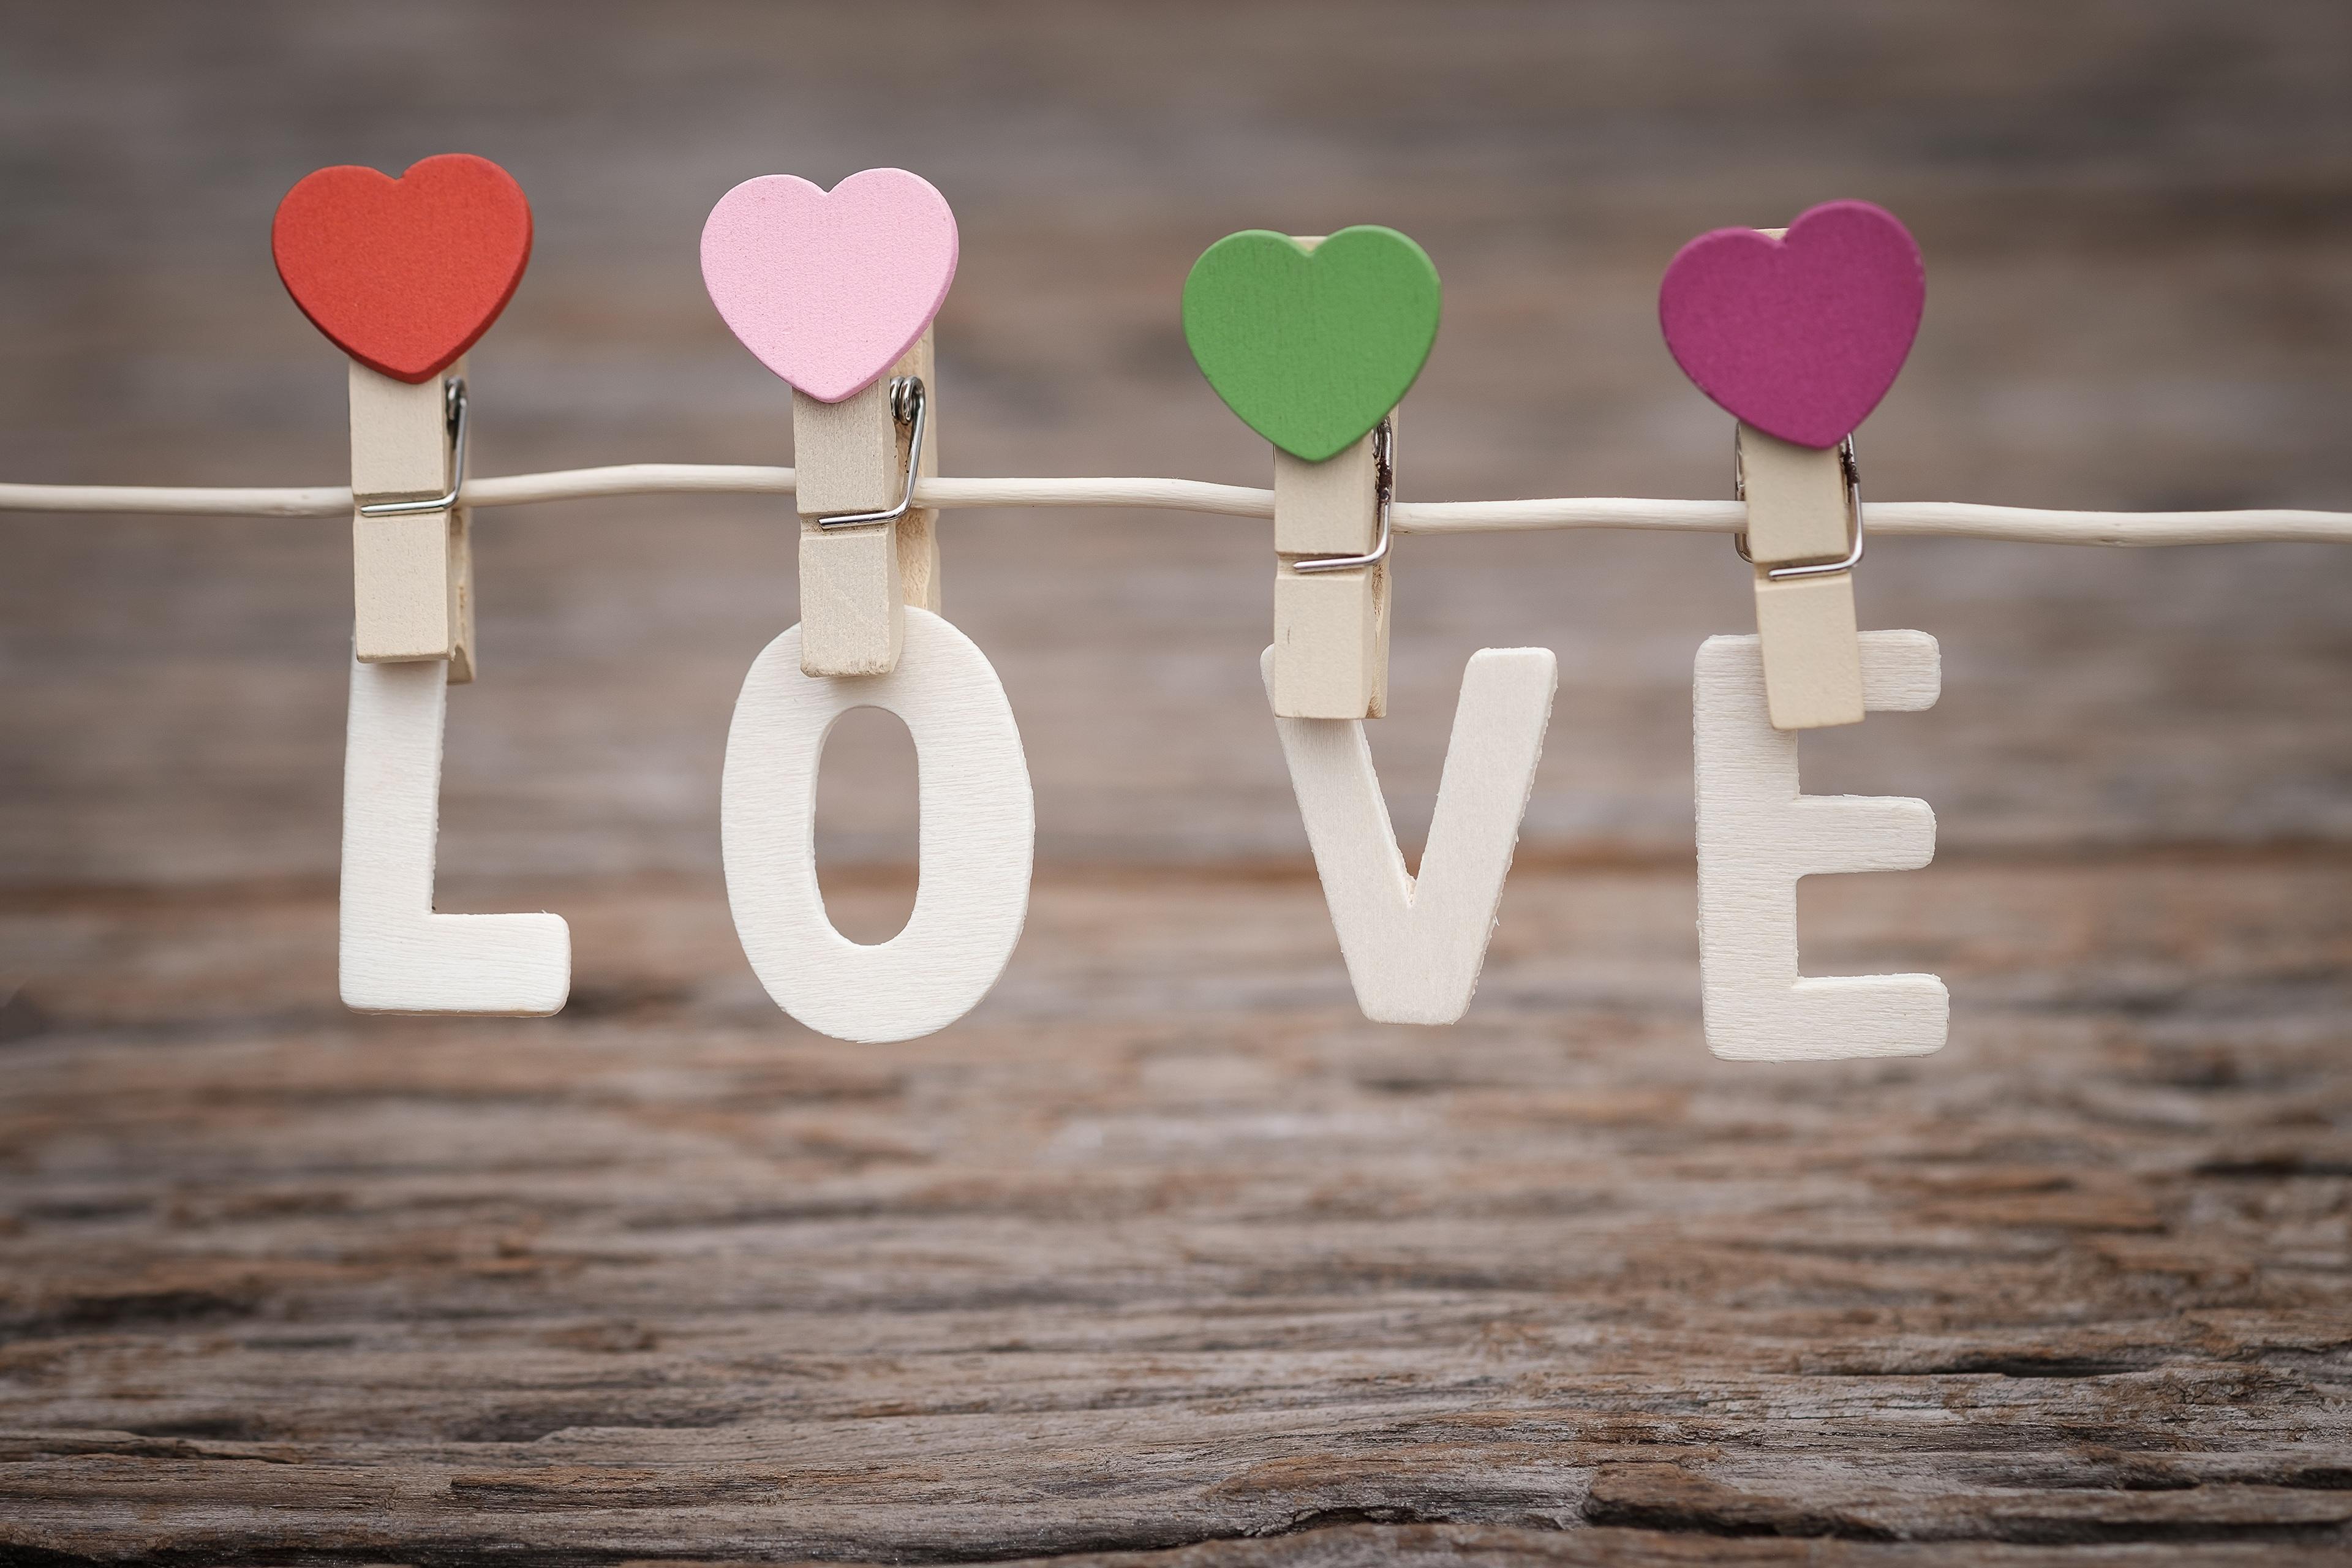 Фотография День святого Валентина английская Сердце Прищепки Слово - Надпись День всех влюблённых Английский инглийские серце сердца сердечко слова текст